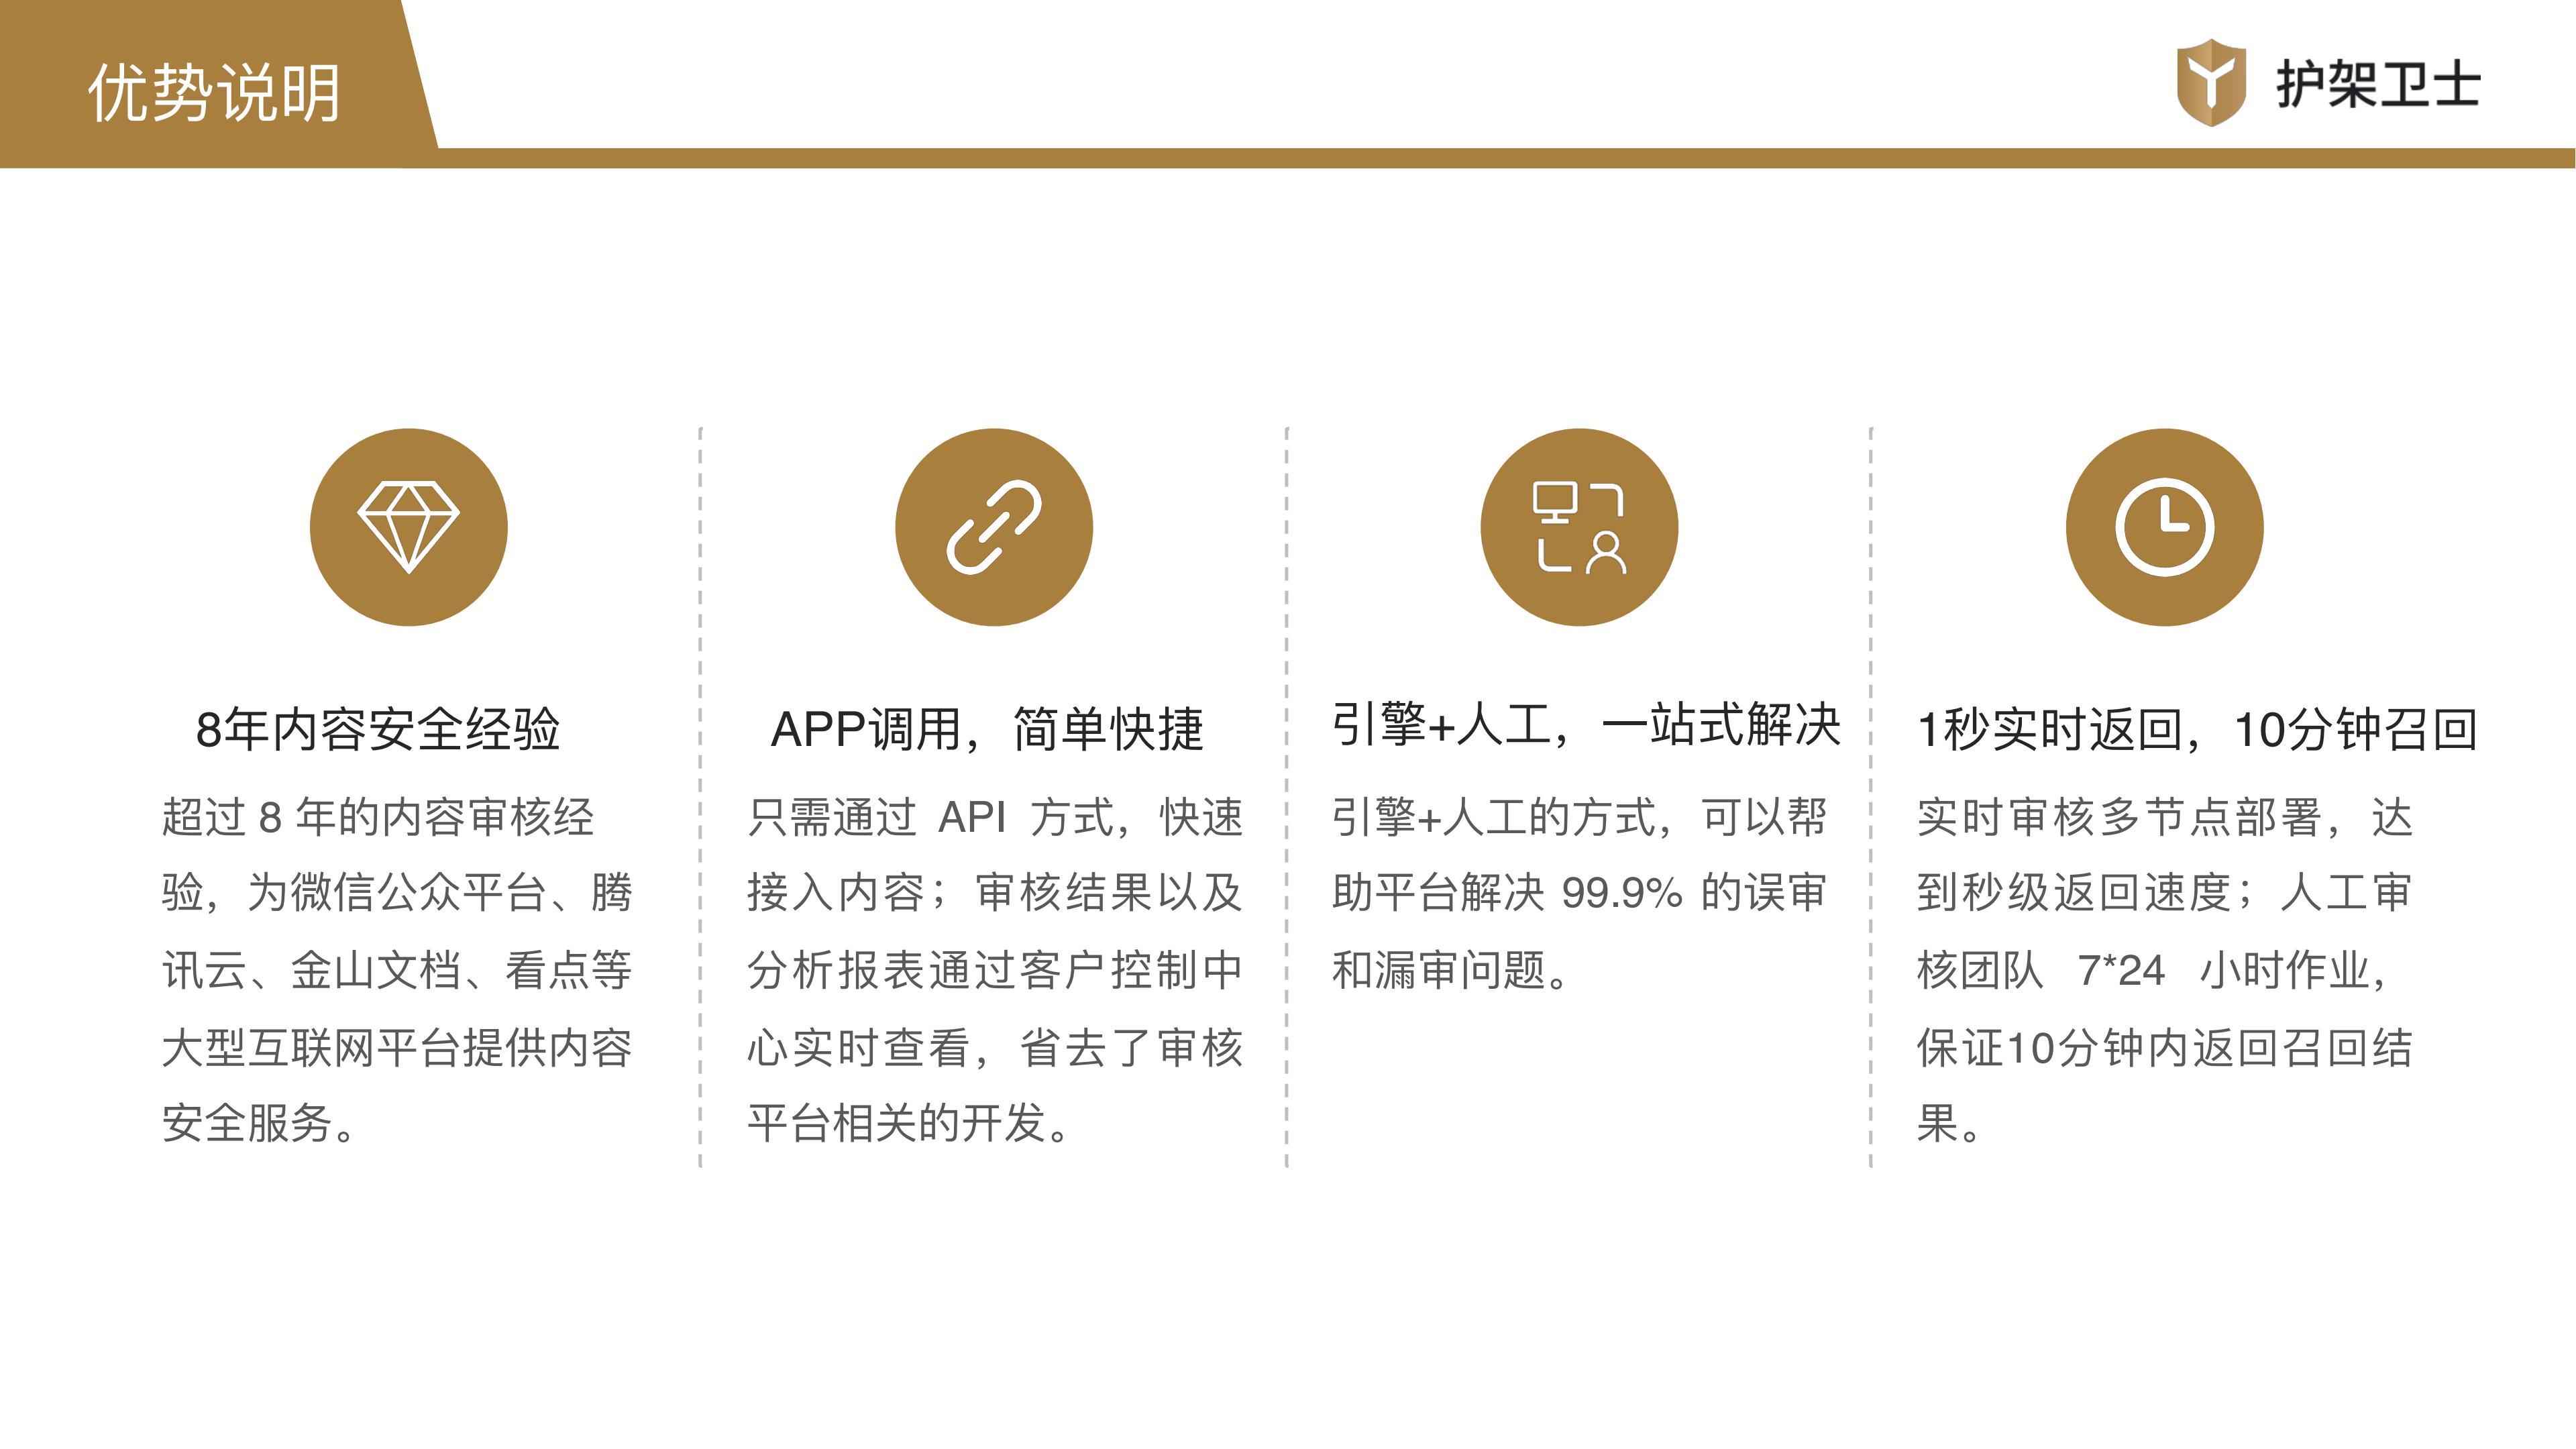 护架卫士产品介绍1.2_14.png